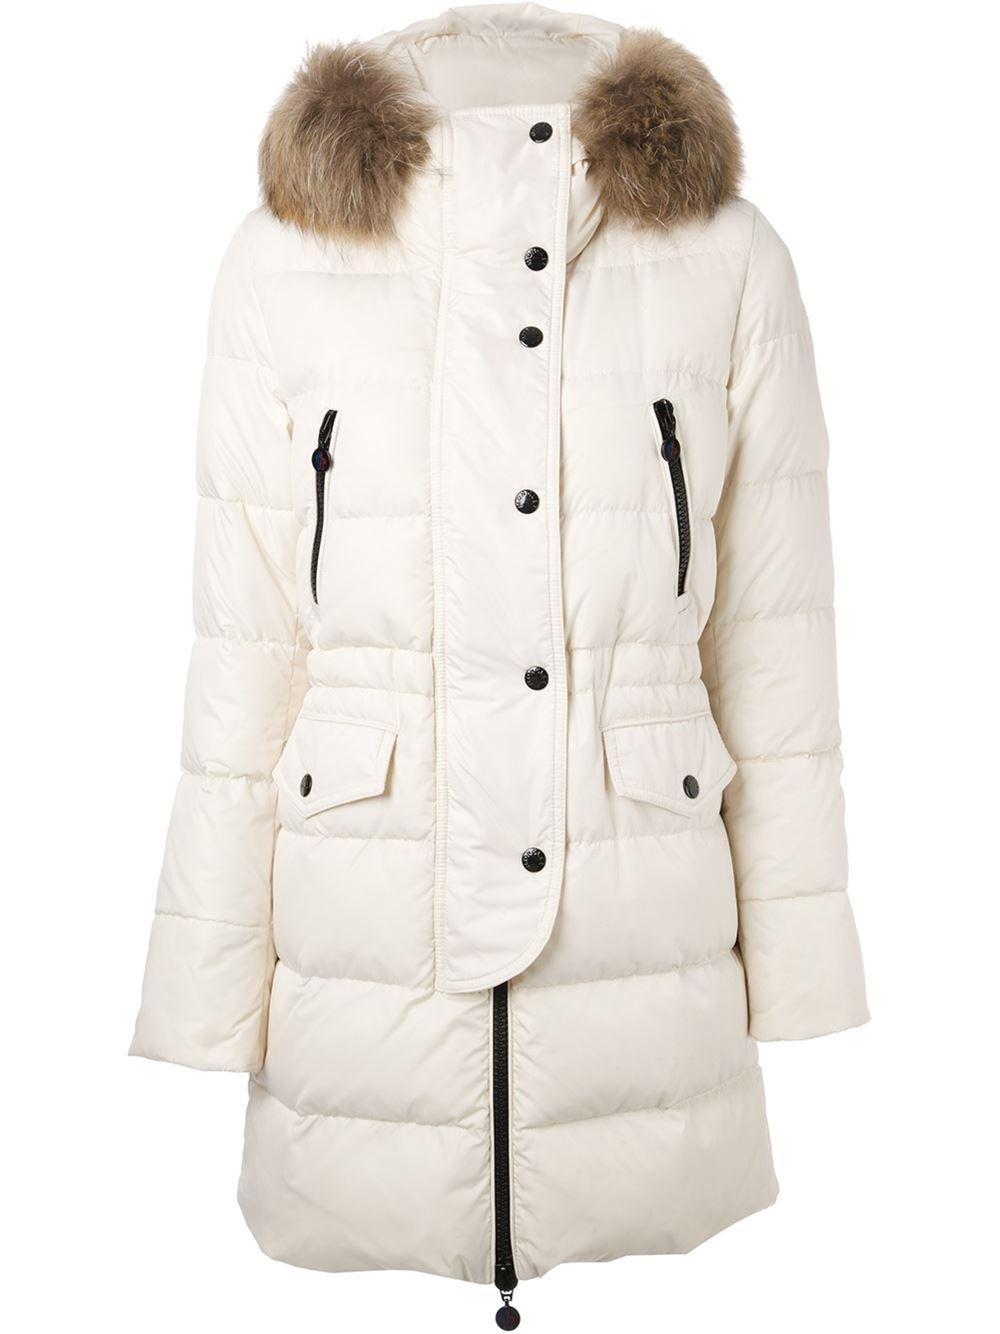 Moncler Fragon Padded Coat in White